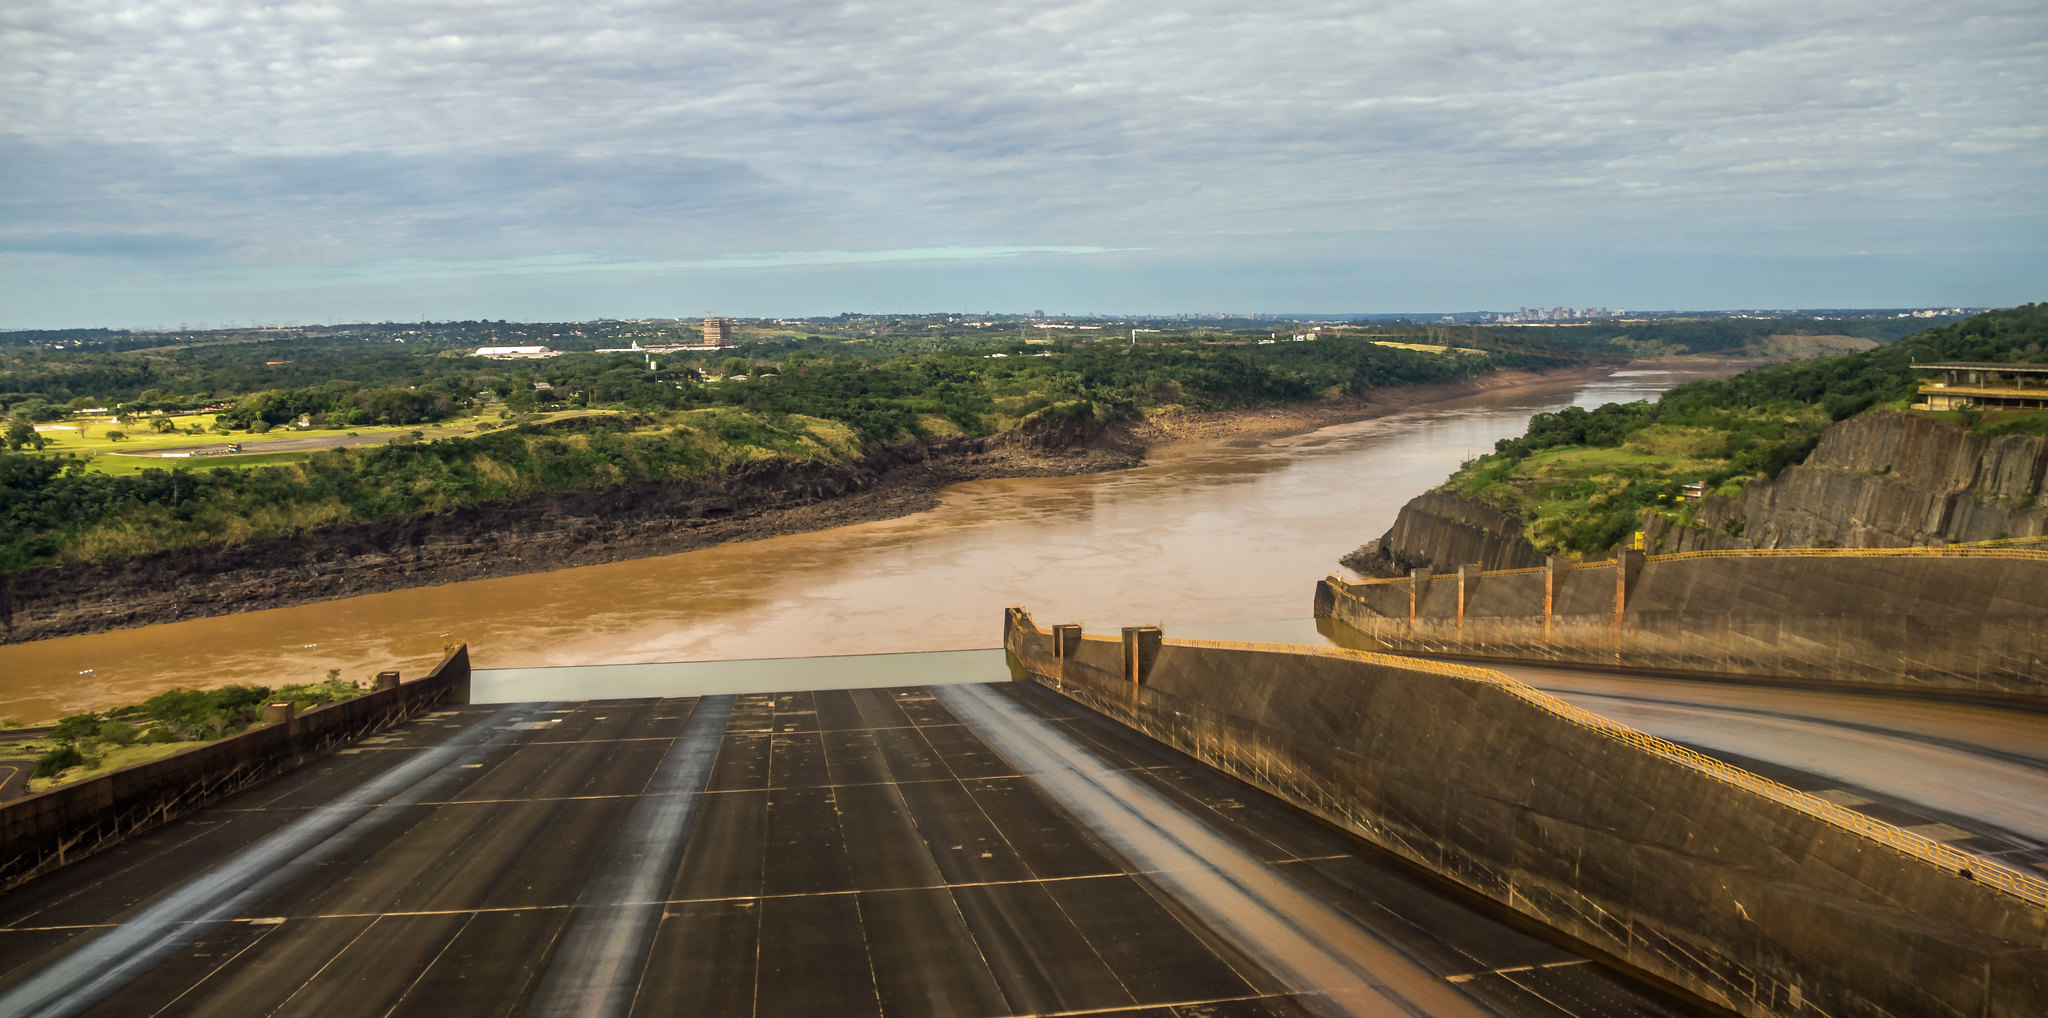 Paraná River from Itiapu dam spillway (paraguay) 2